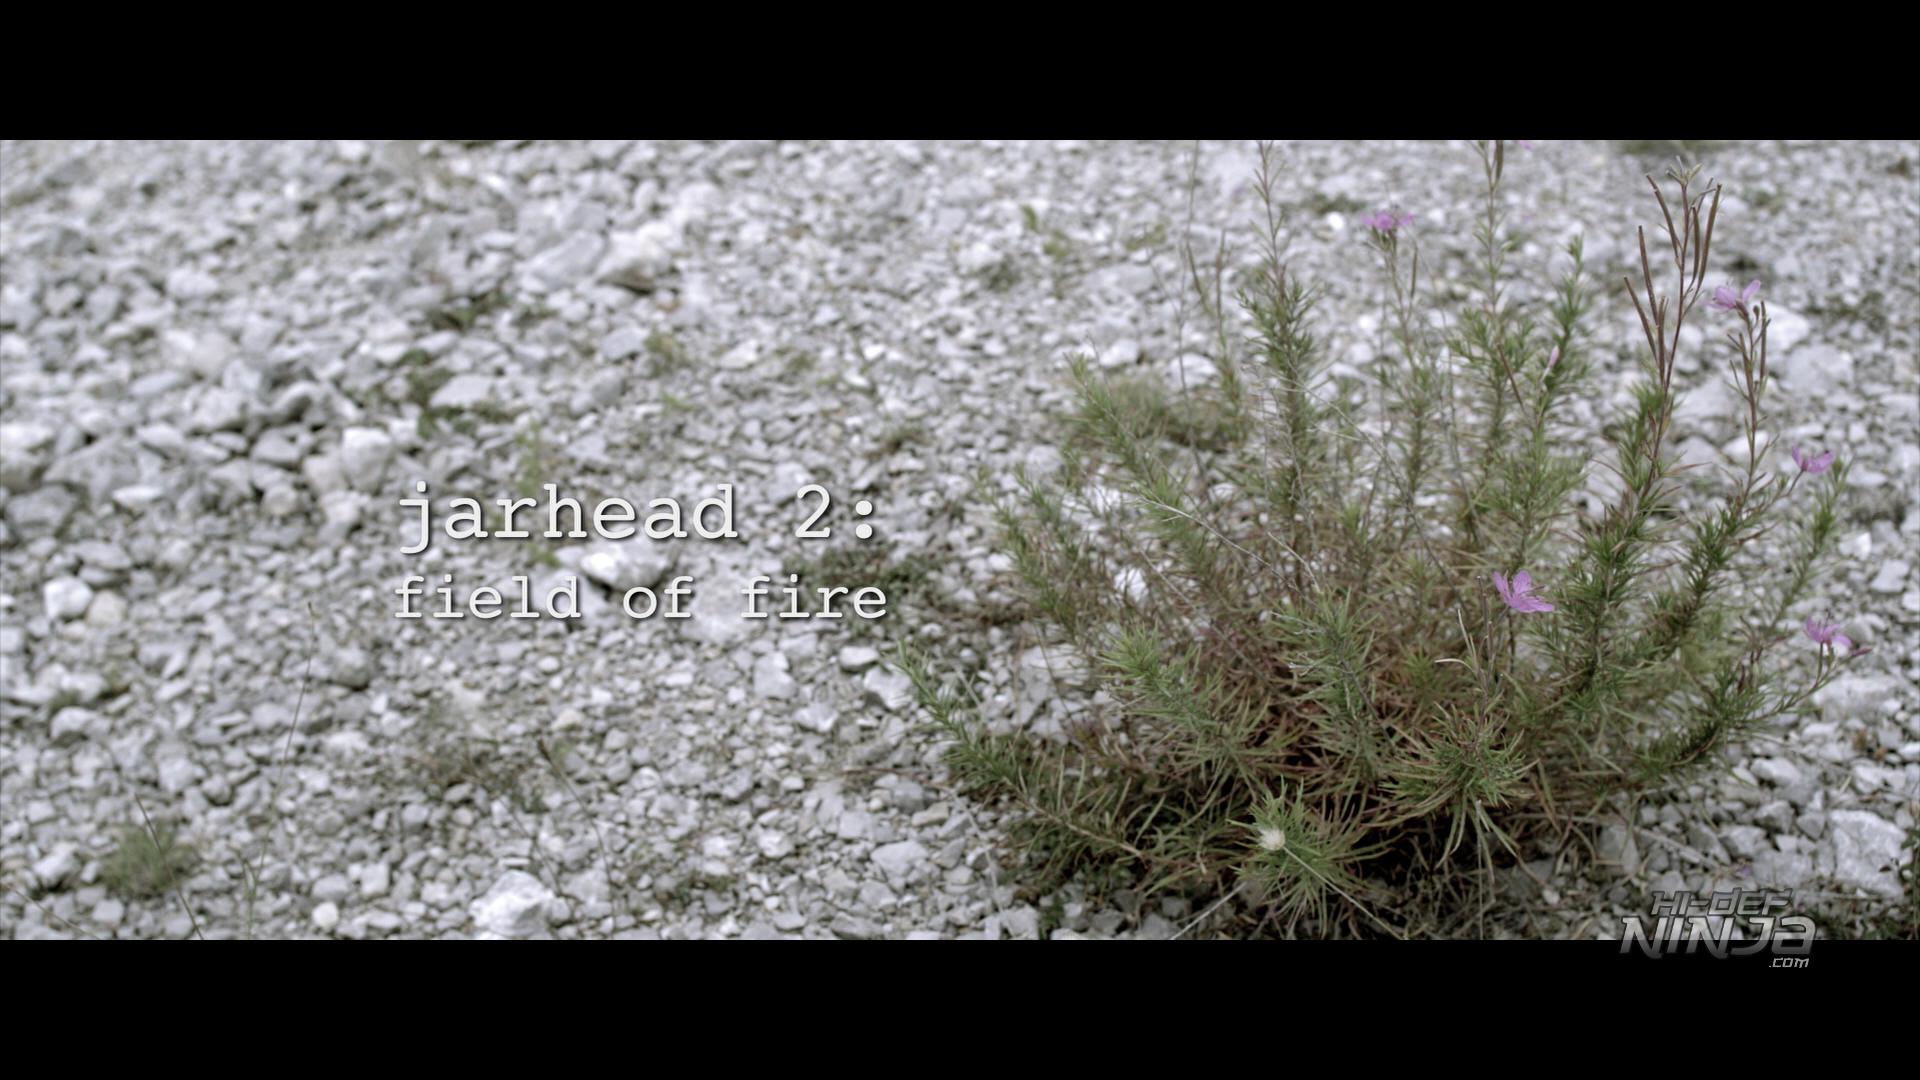 jarhead-2-01